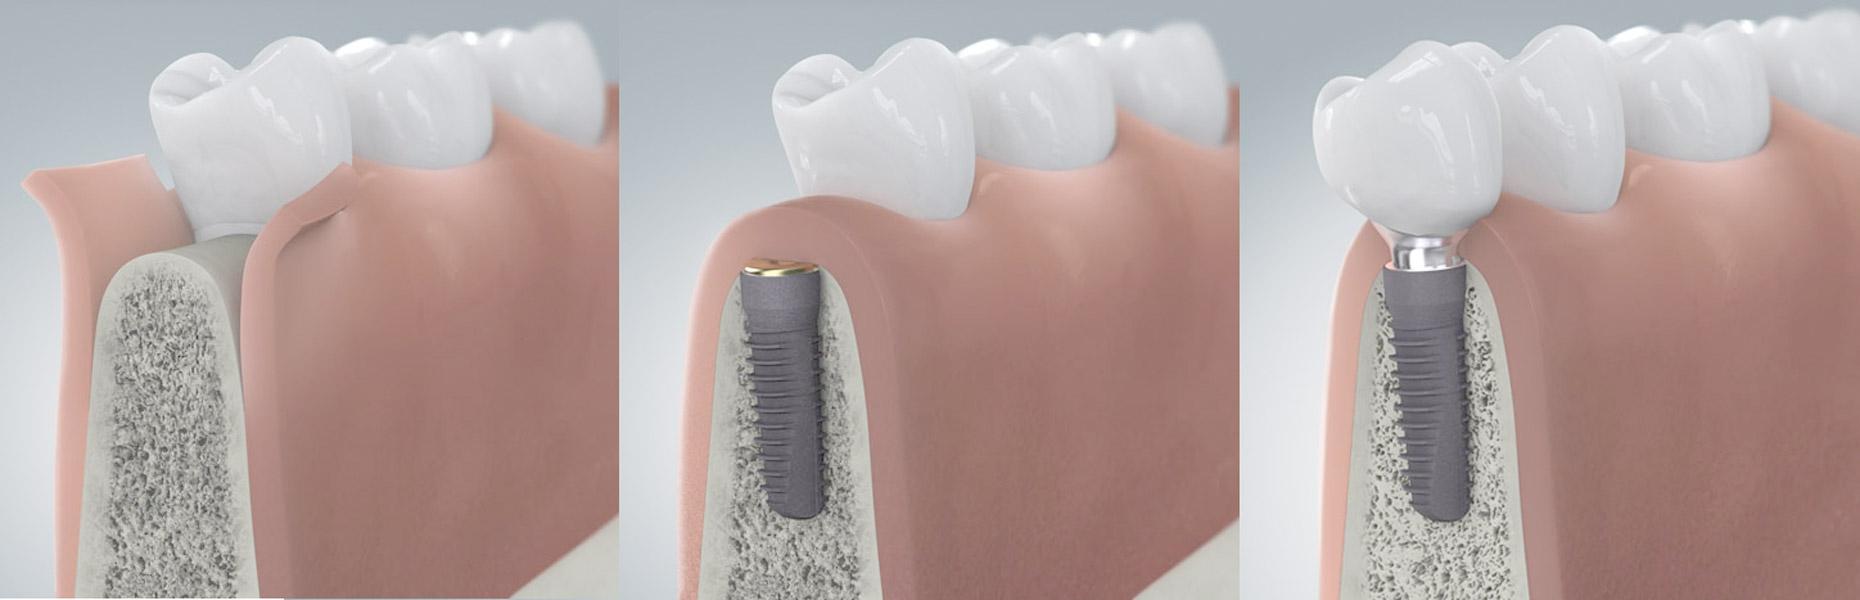 Zähne fehlen